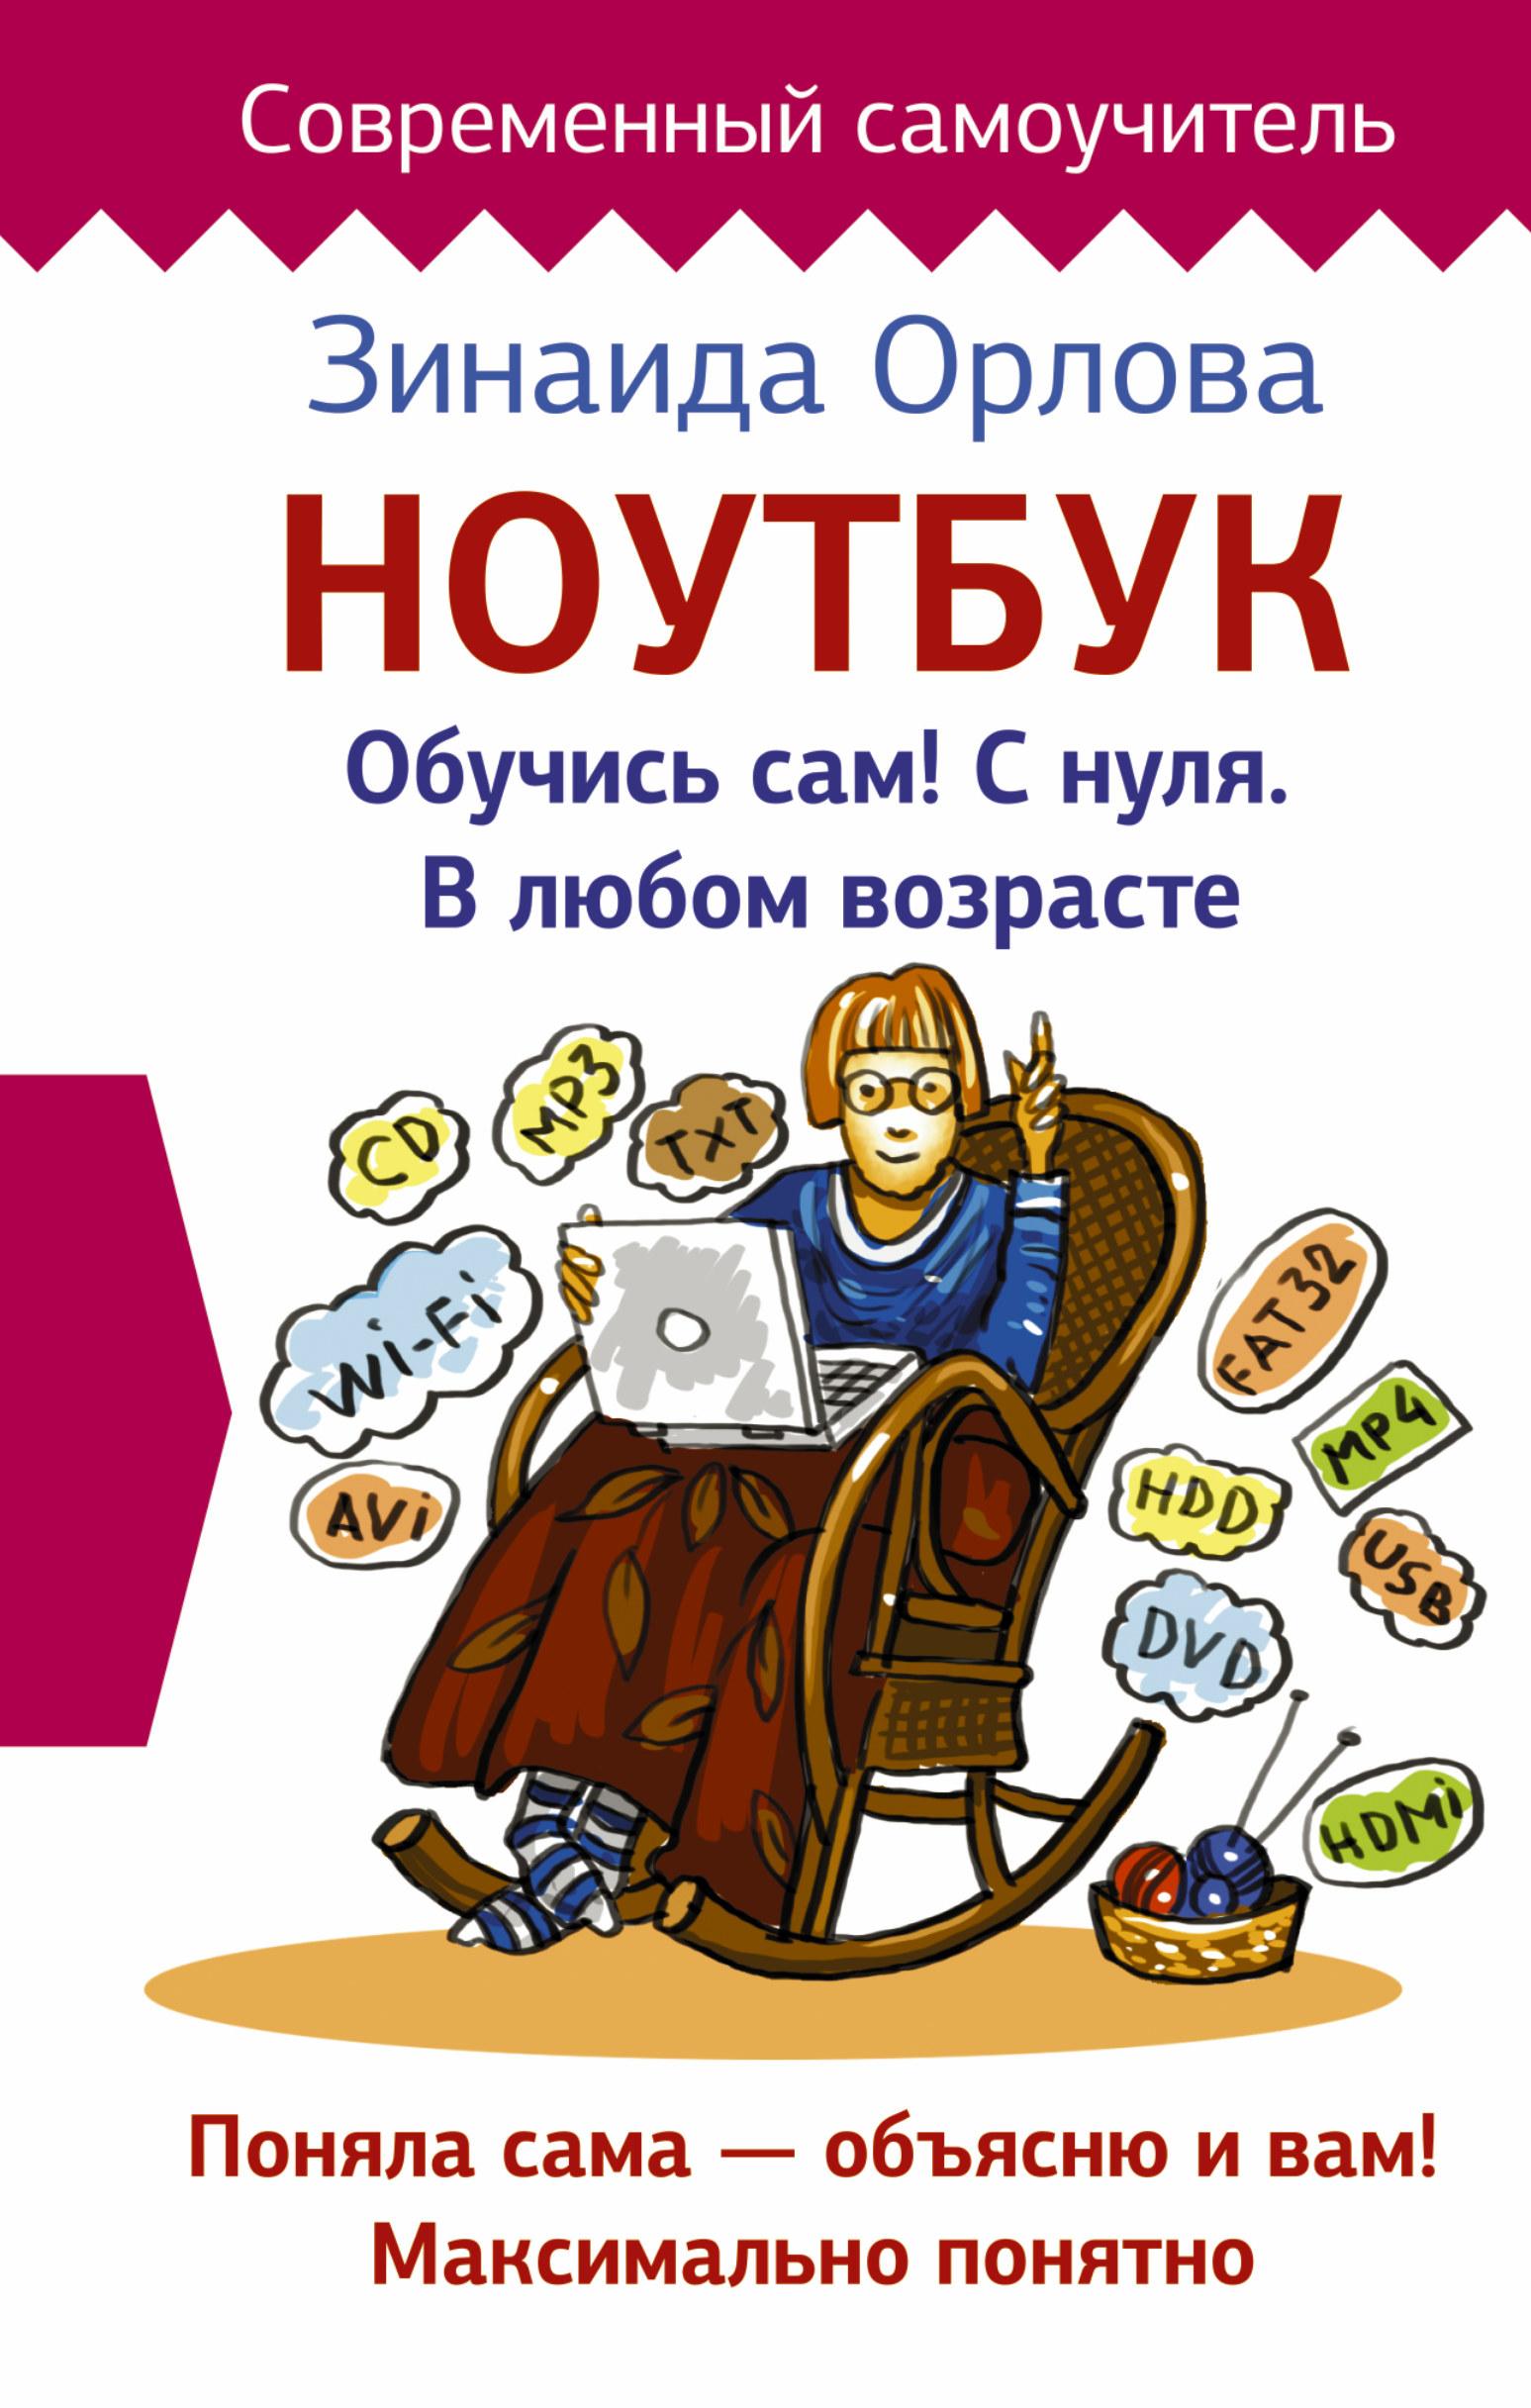 Ноутбук. Обучись сам! С нуля. В любом возрасте